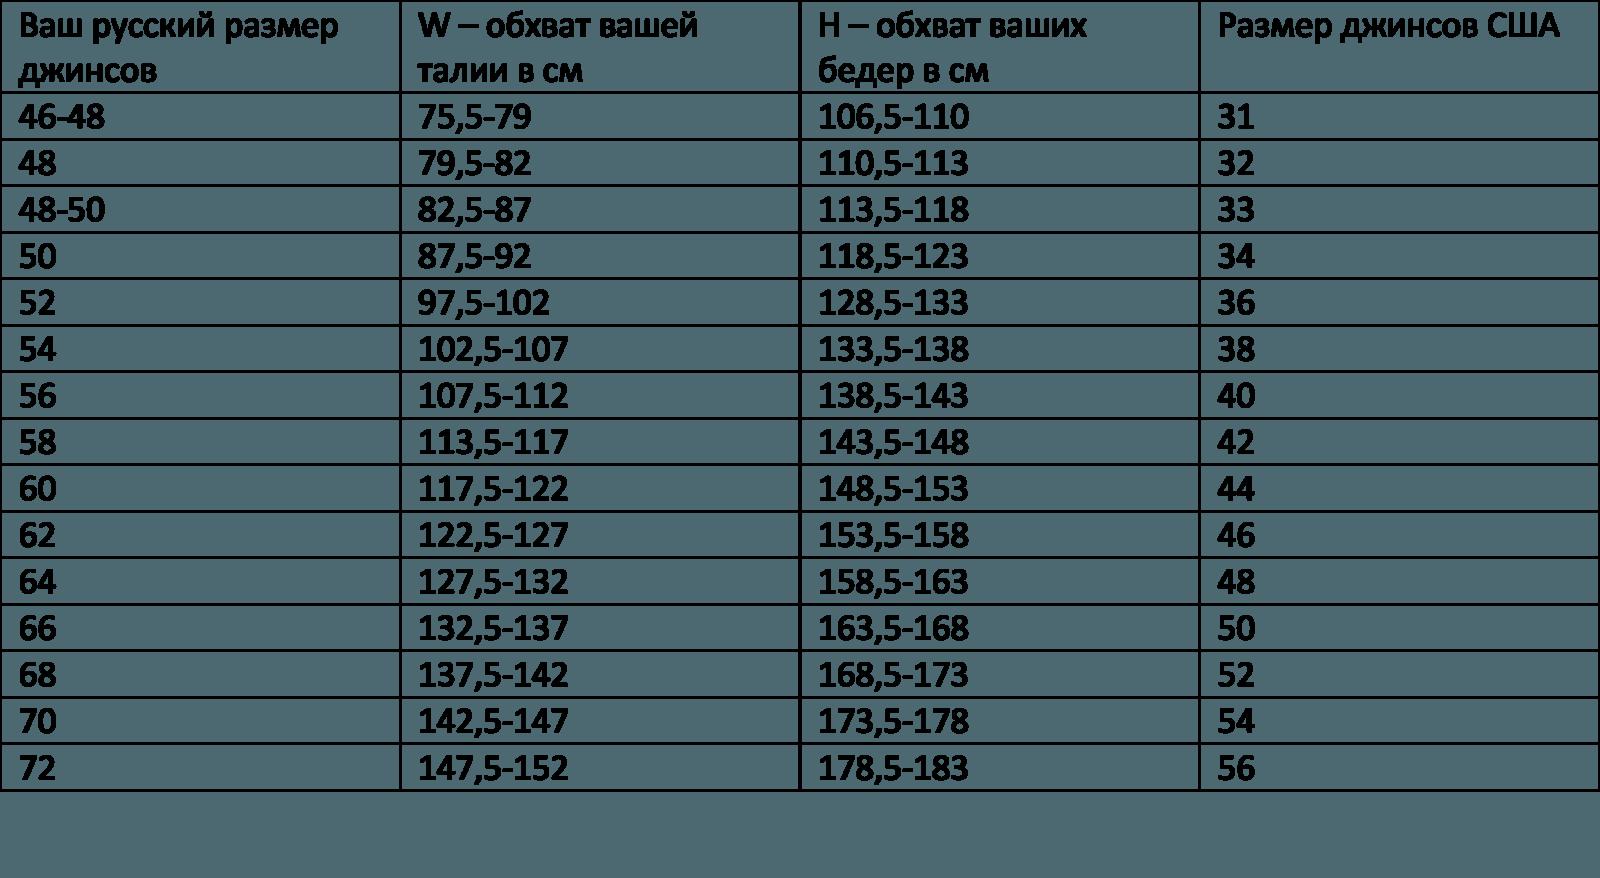 300a0bb40f60f Как определить размер женских джинсов, таблица соответствия